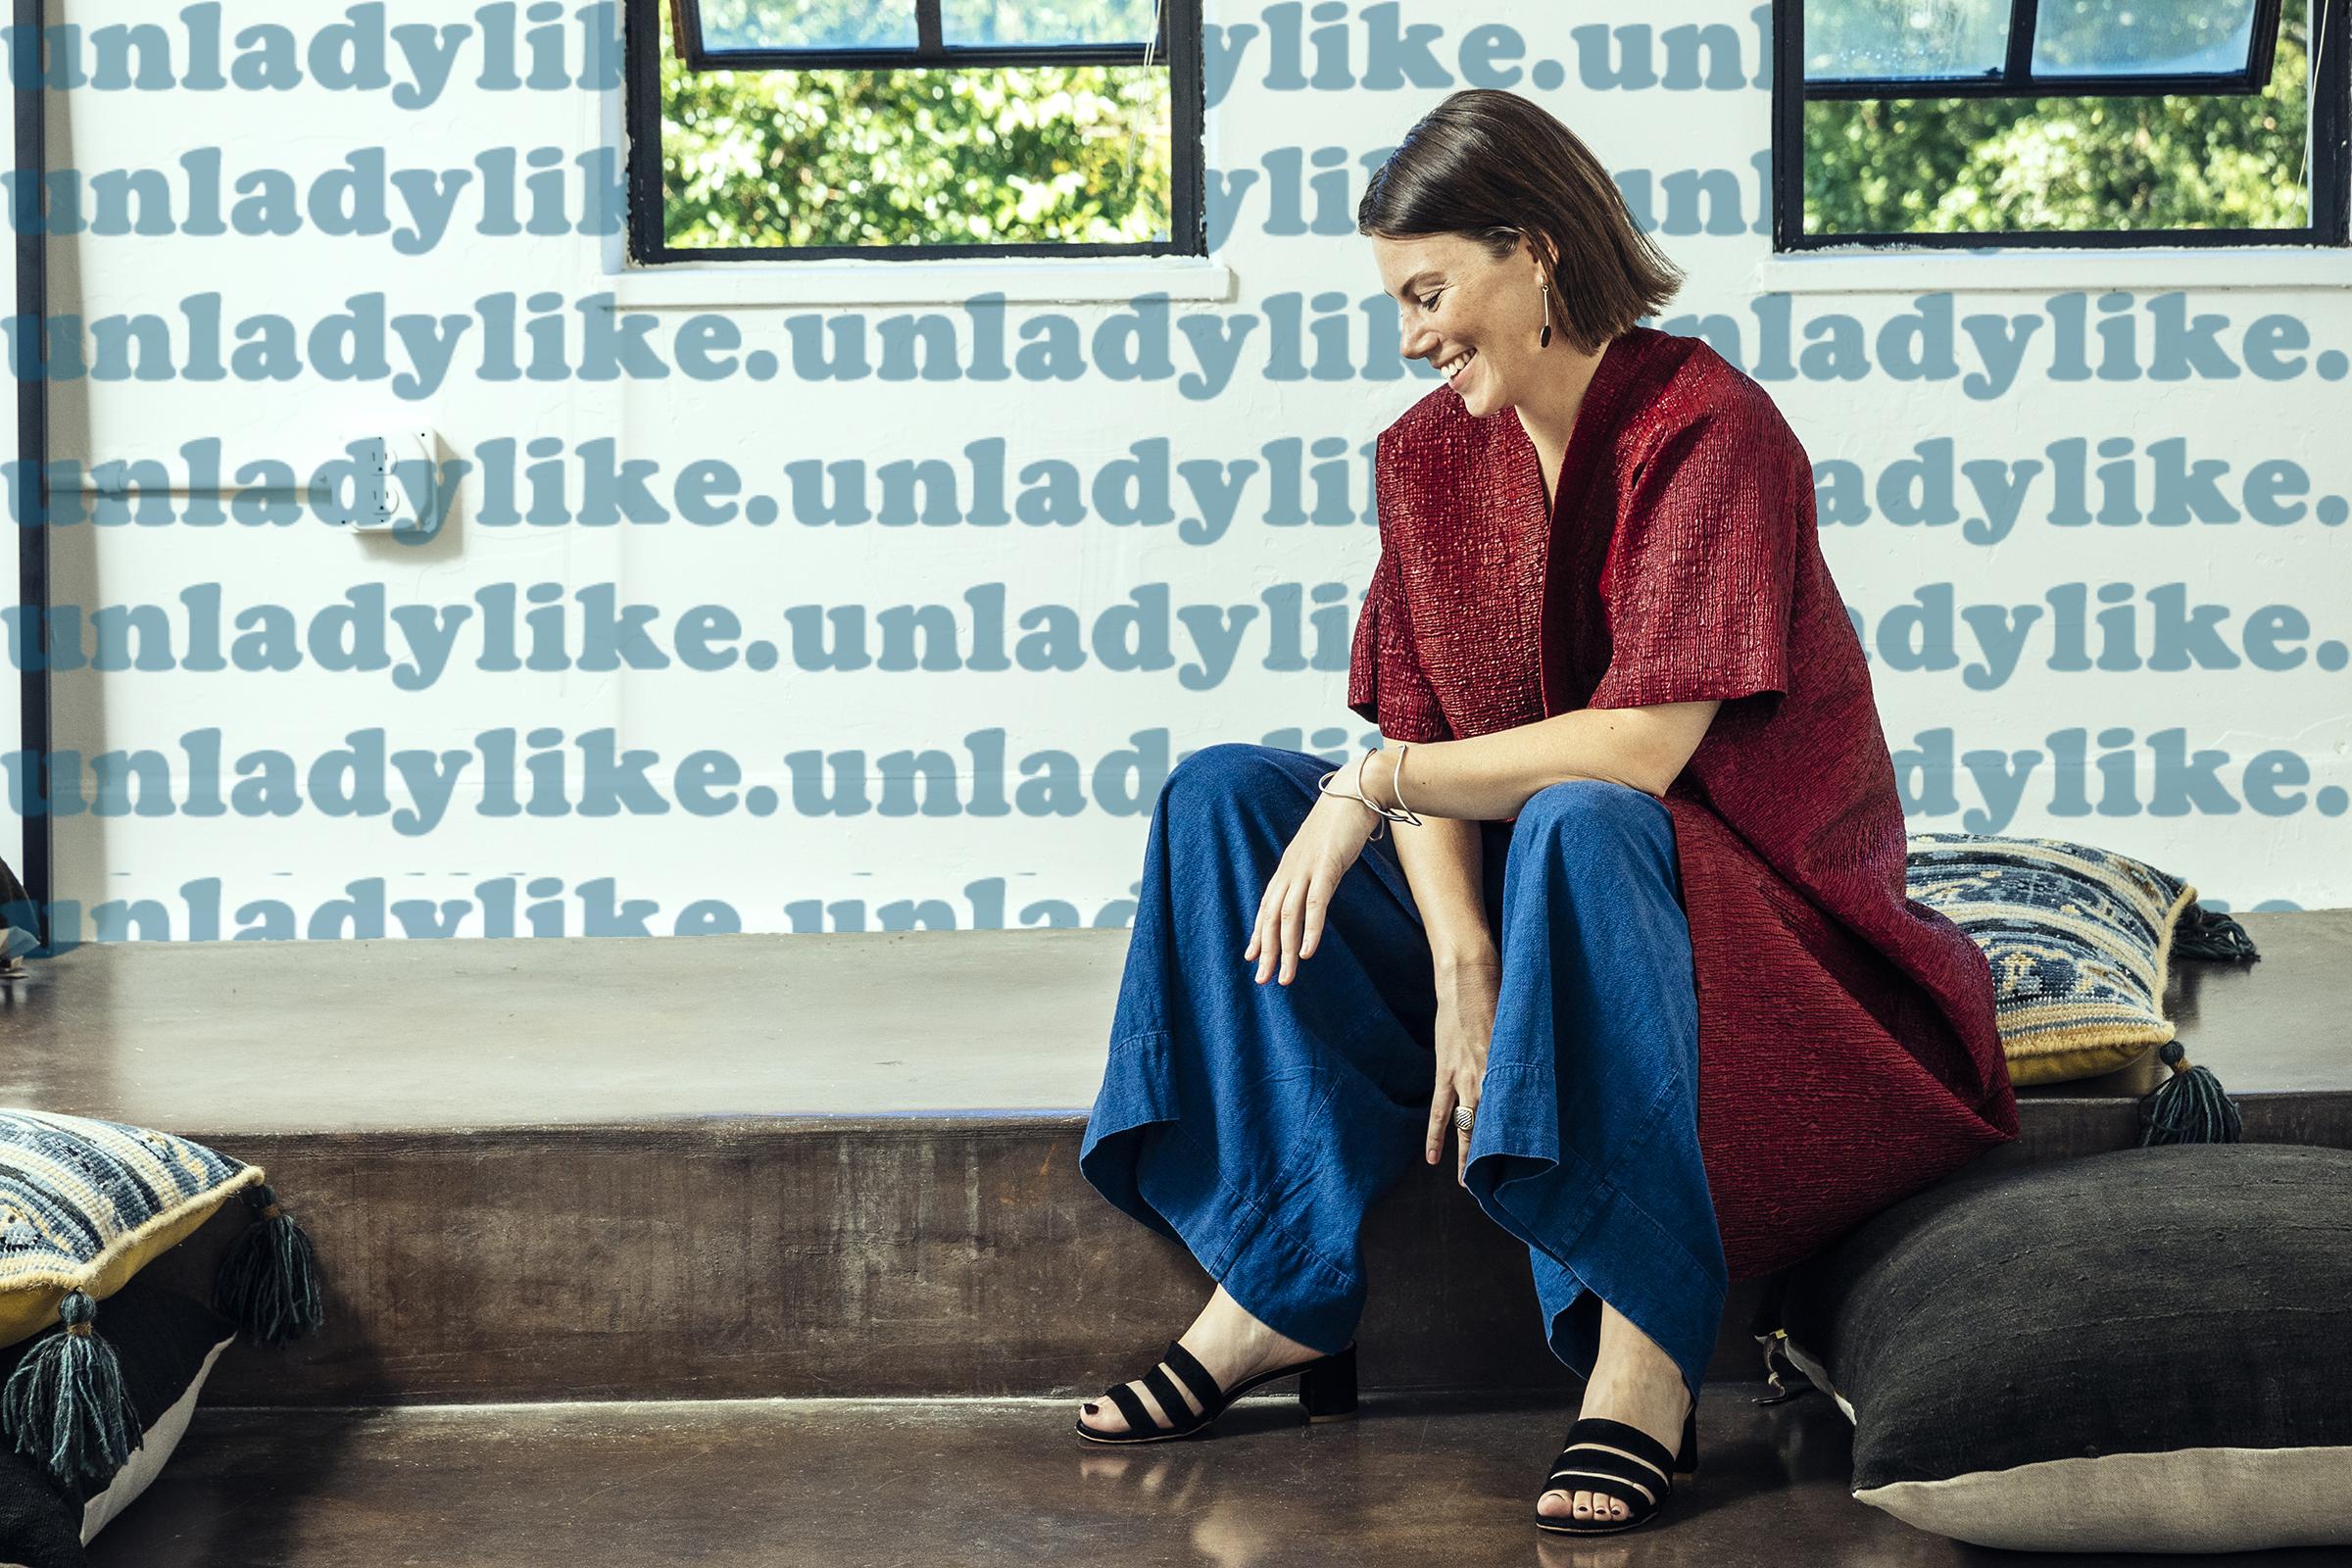 julia bainbridge-unladylike2-2400.png